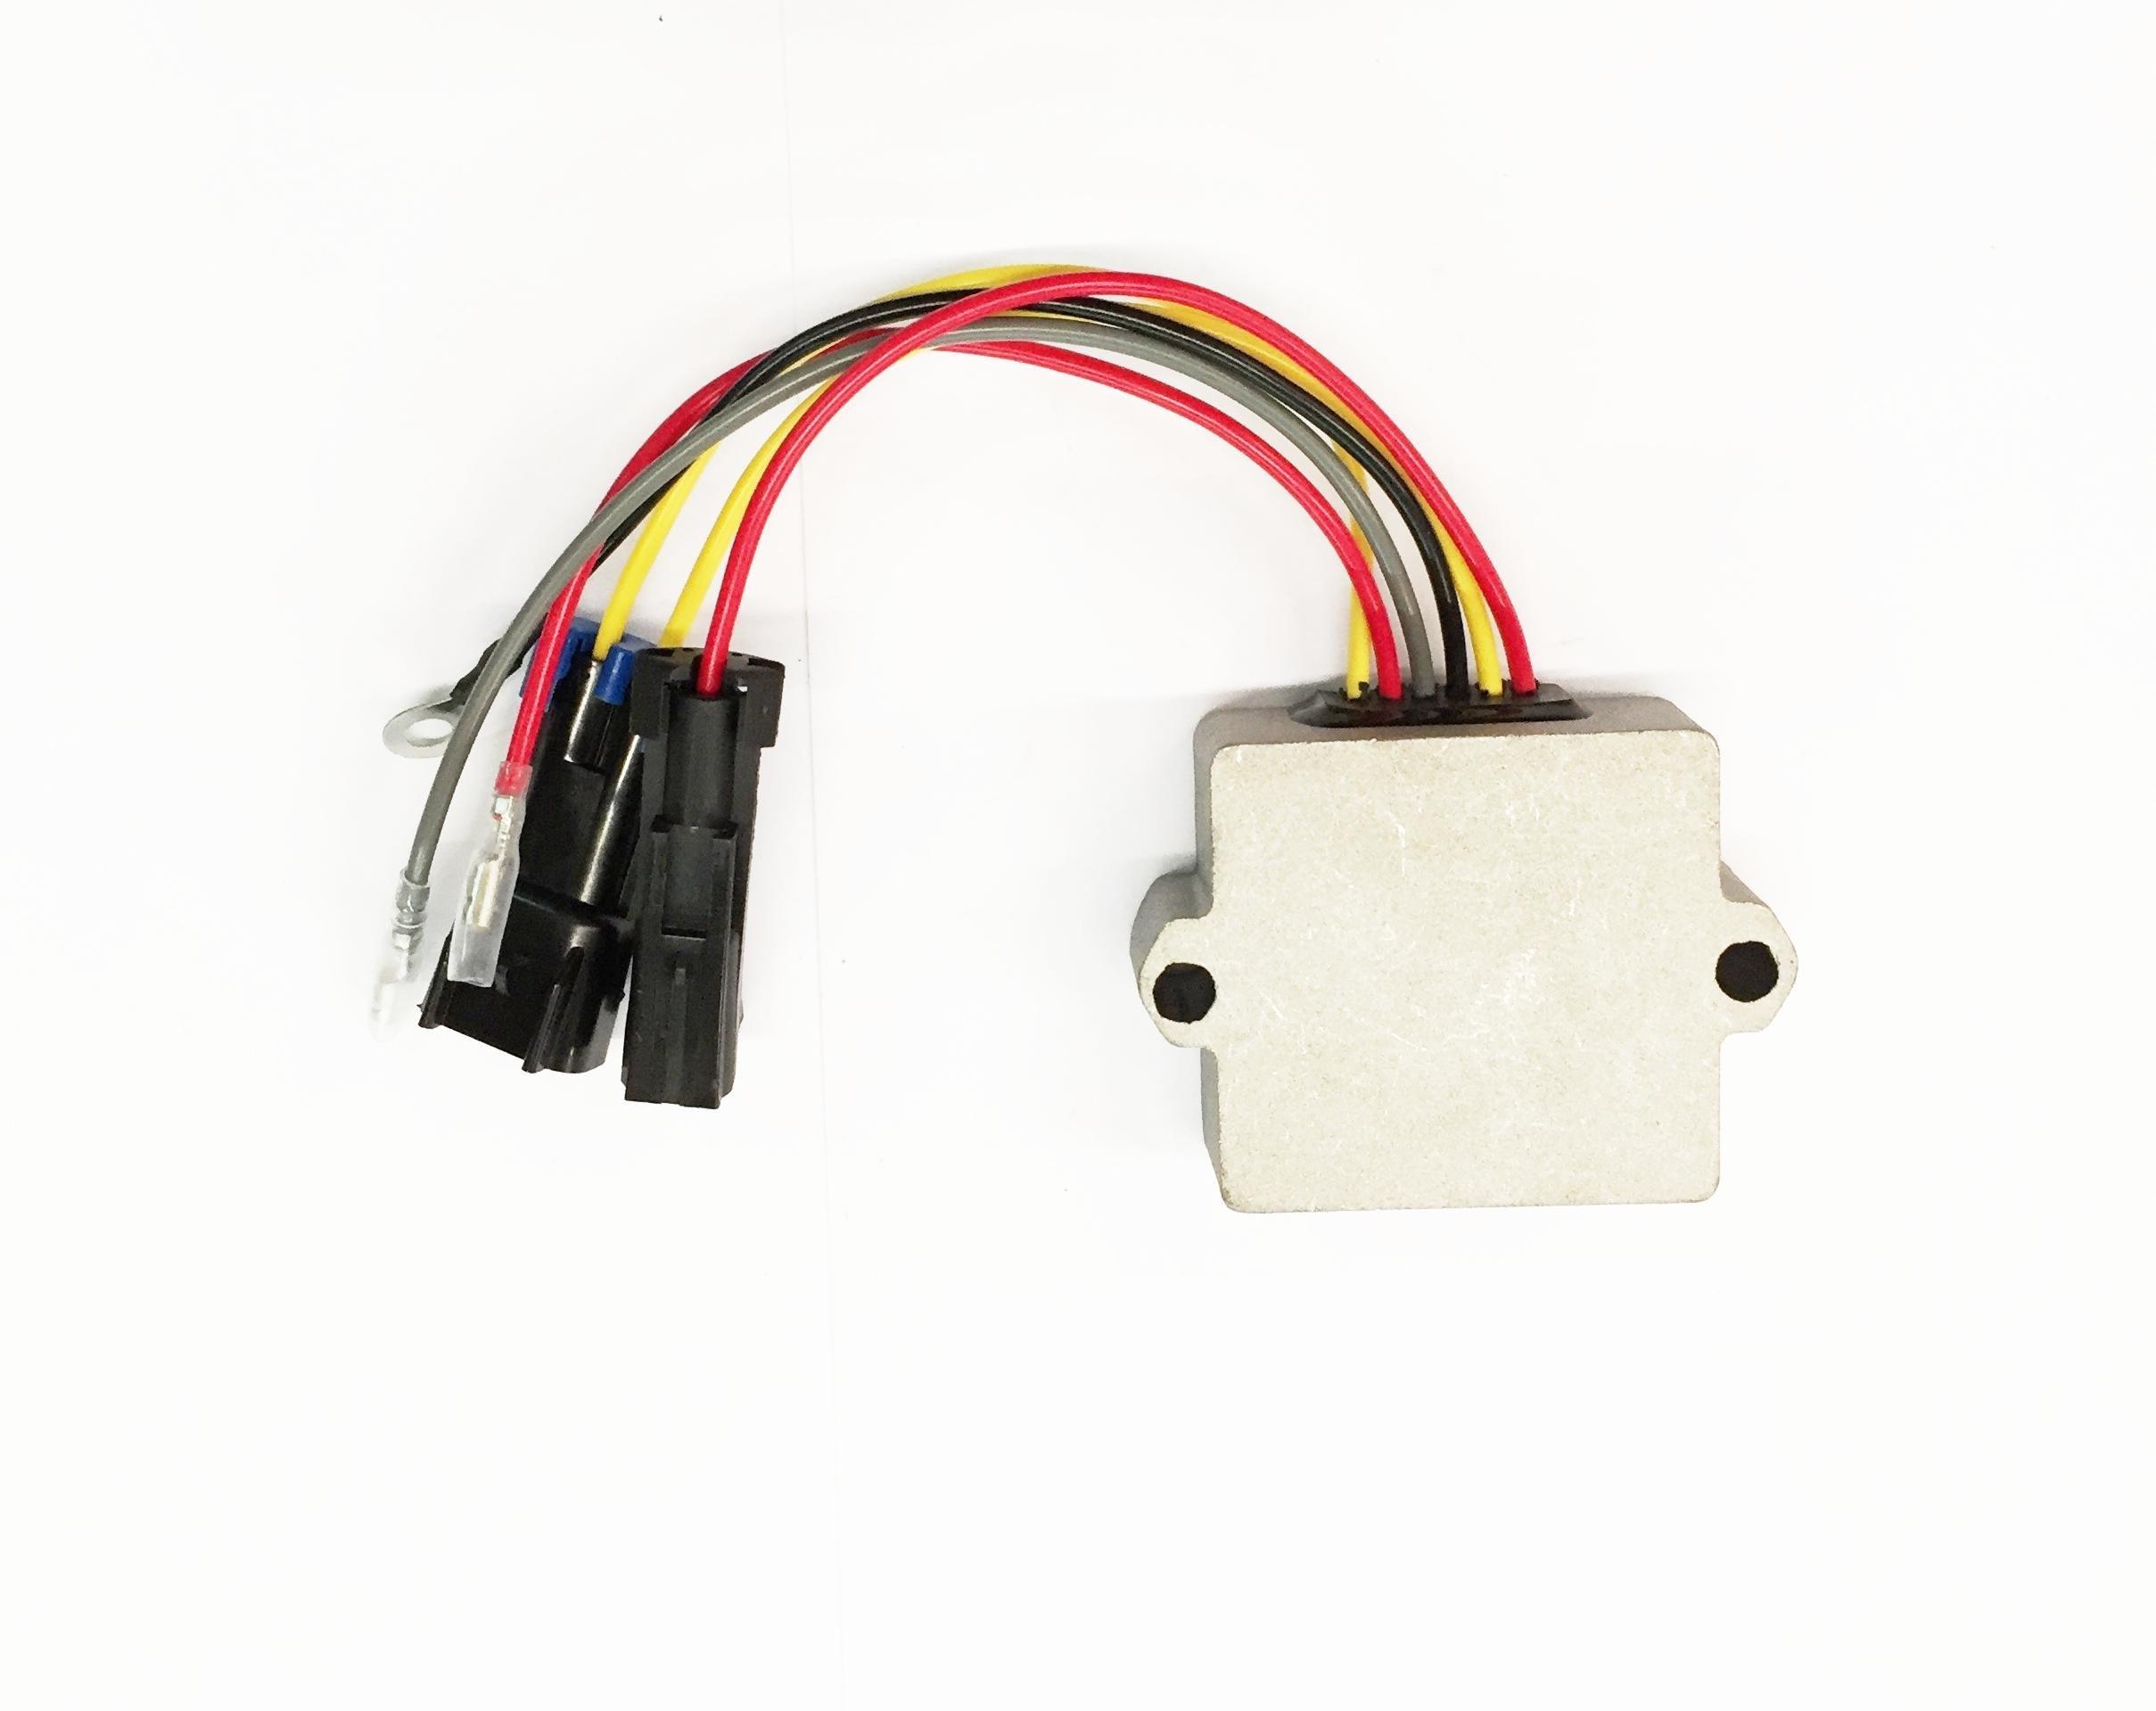 Voltage Regulator Rectifier for Mercury 6 Wire 194-3072K1 854515T2 883071T1 883072T1 883072T2 893640-002